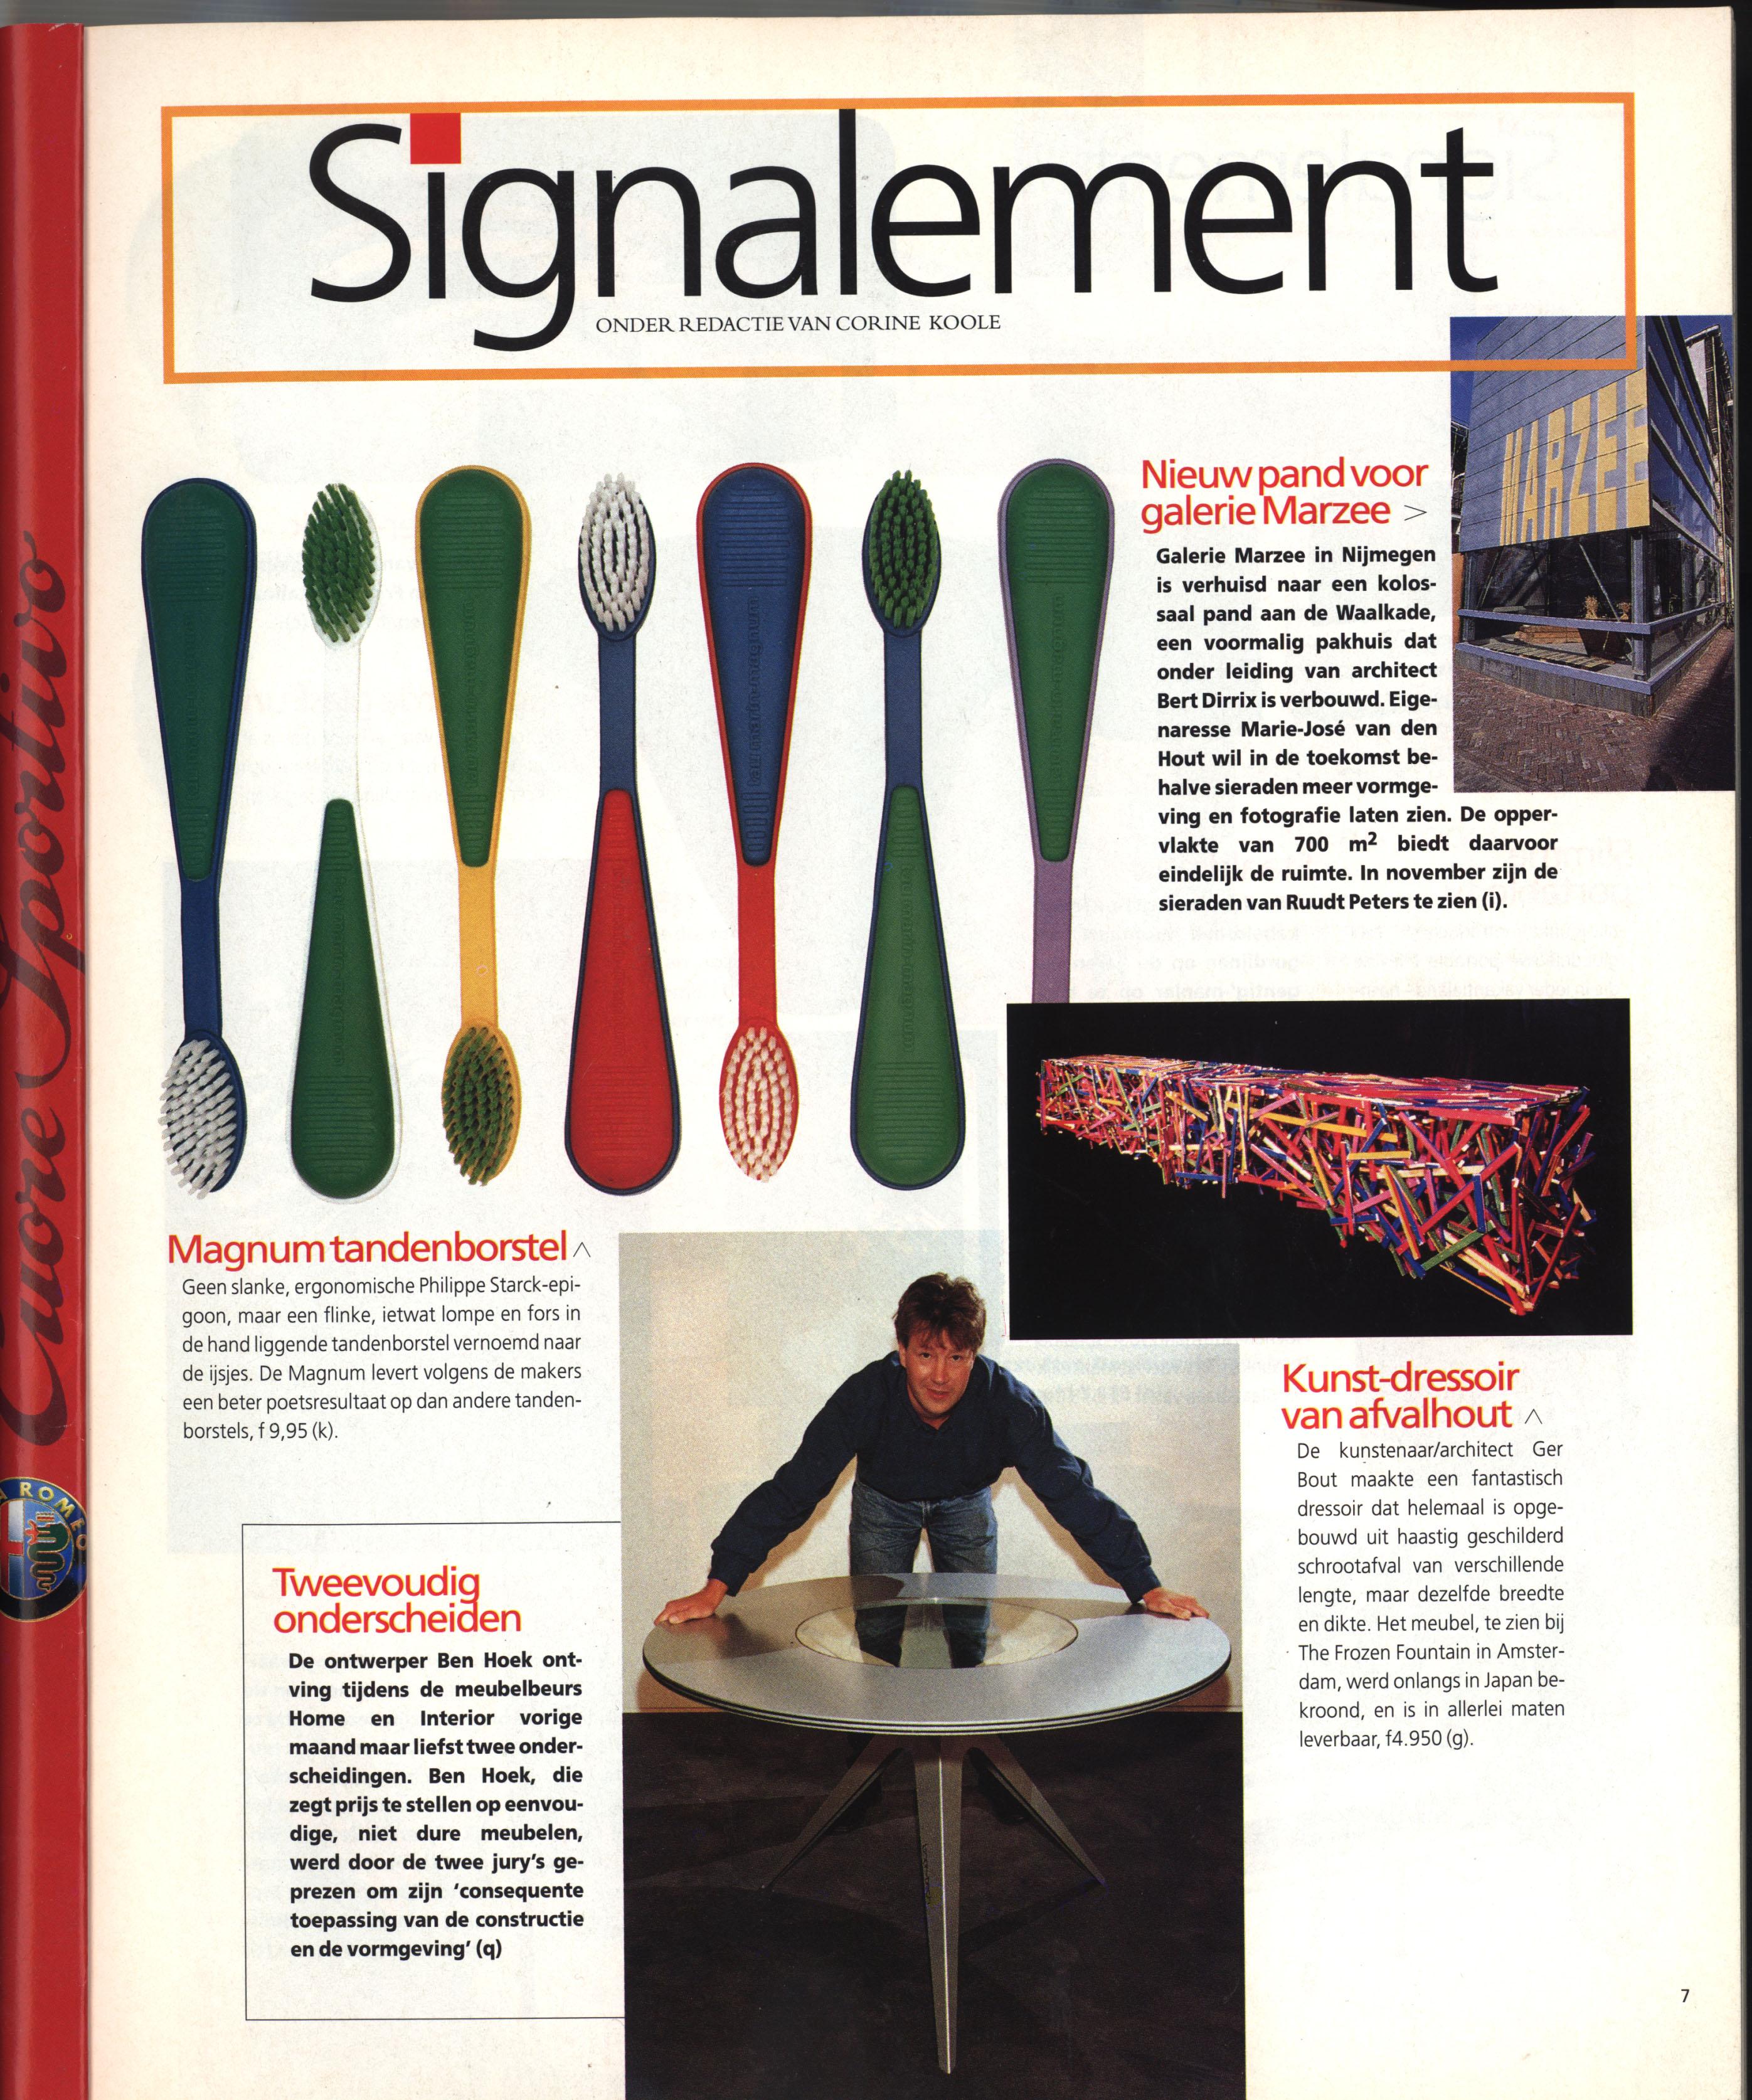 Eigen Huis, Signalement met Galerie Marzee, 1995, drukwerk, papier, tijdschrift